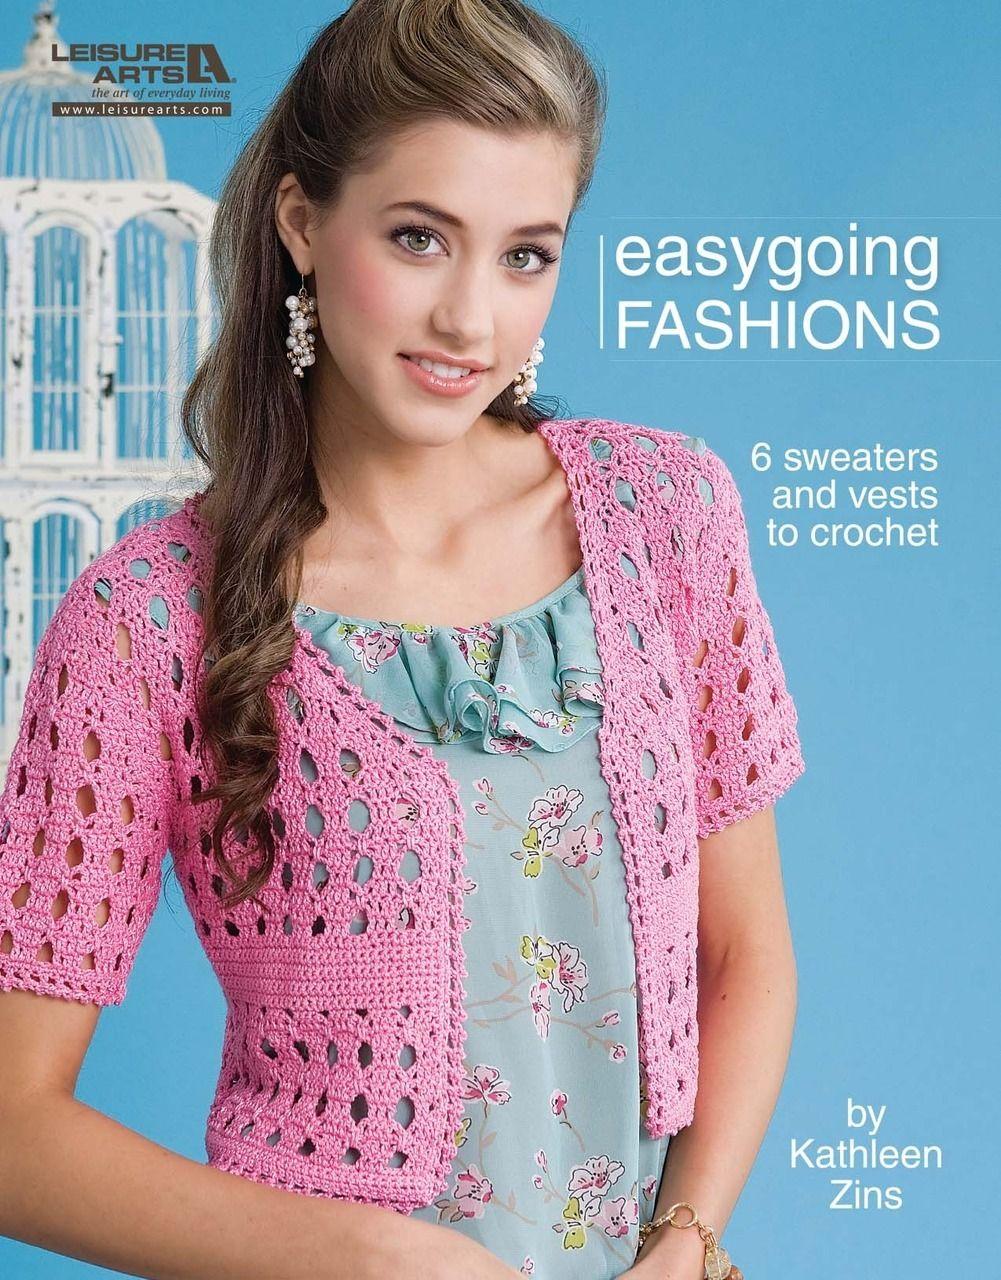 Easygoing Fashions eBook | Pinterest | Blusas y Vestiditos